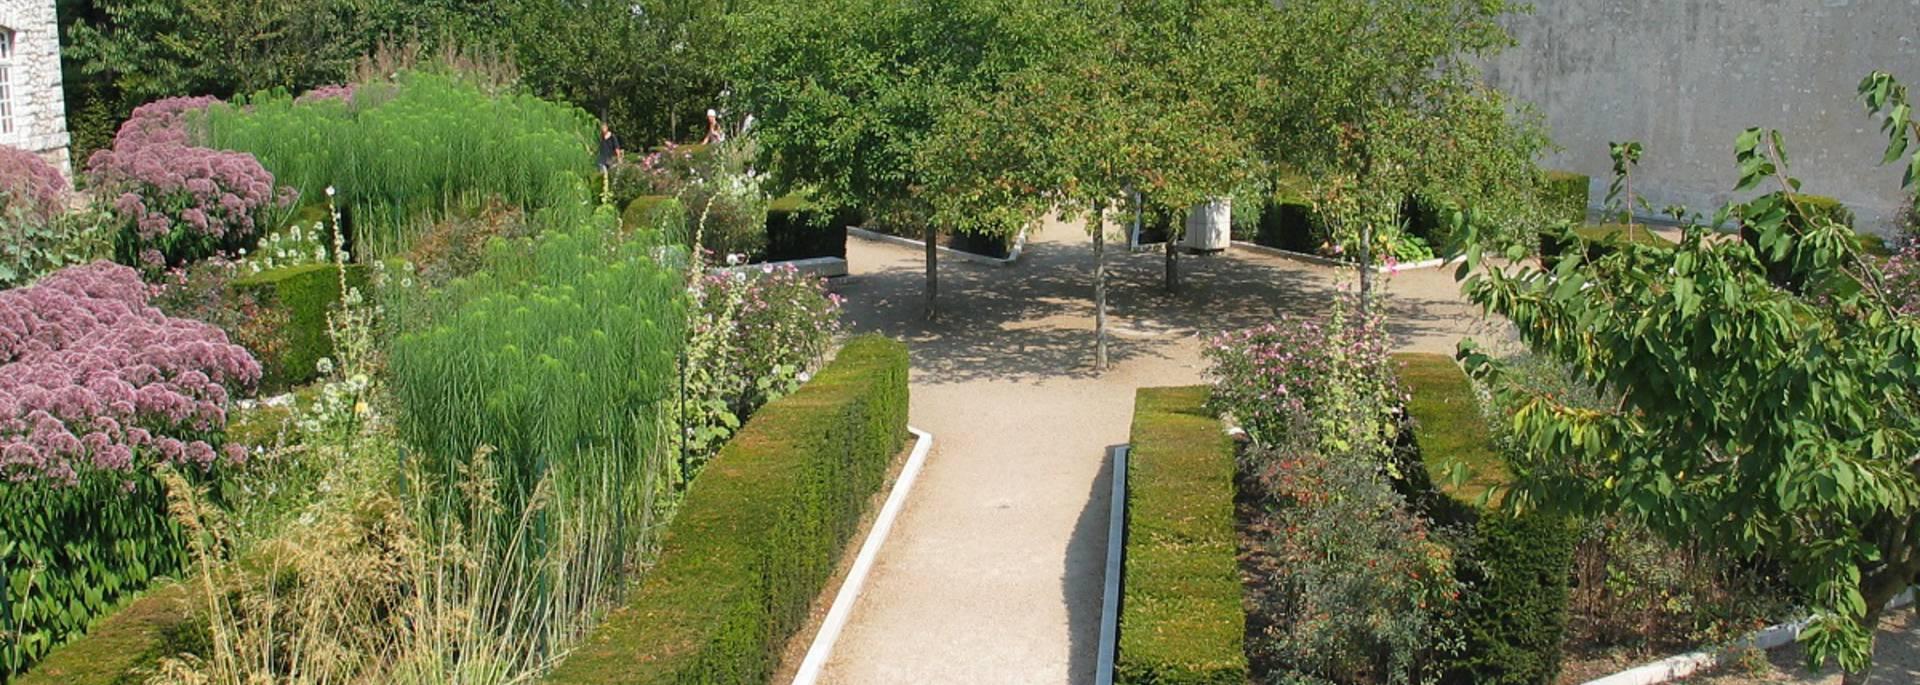 I giardini del re a Blois